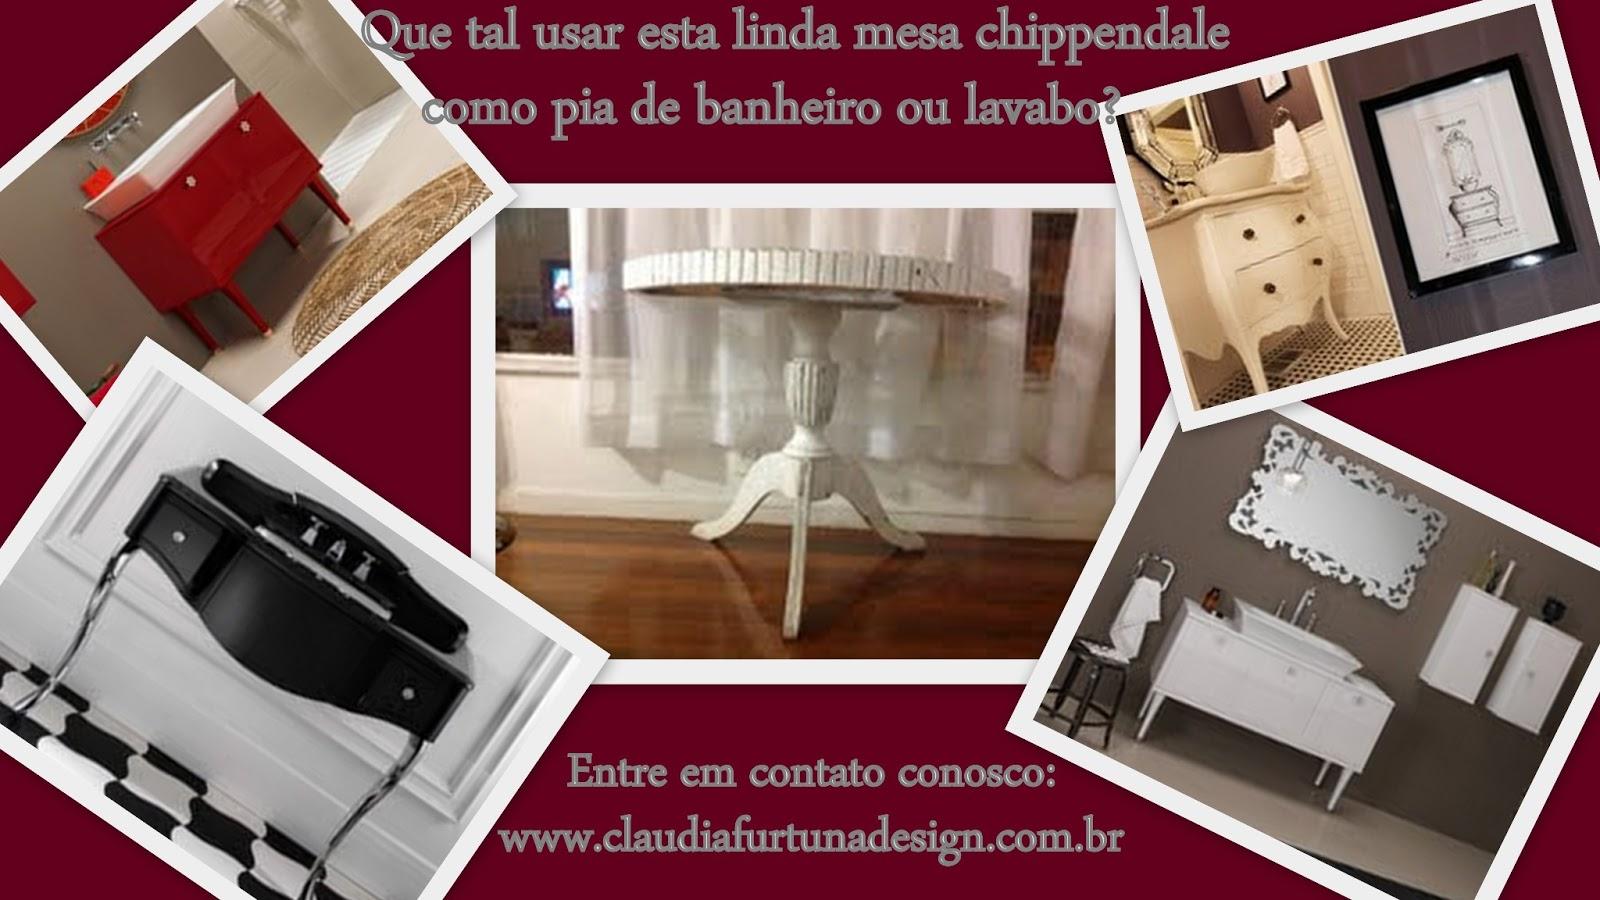 #AF281C MESA CHIPPENDALE PARA PIA DE BANHEIRO OU LAVABO 1600x900 px plantas para banheiro feng shui